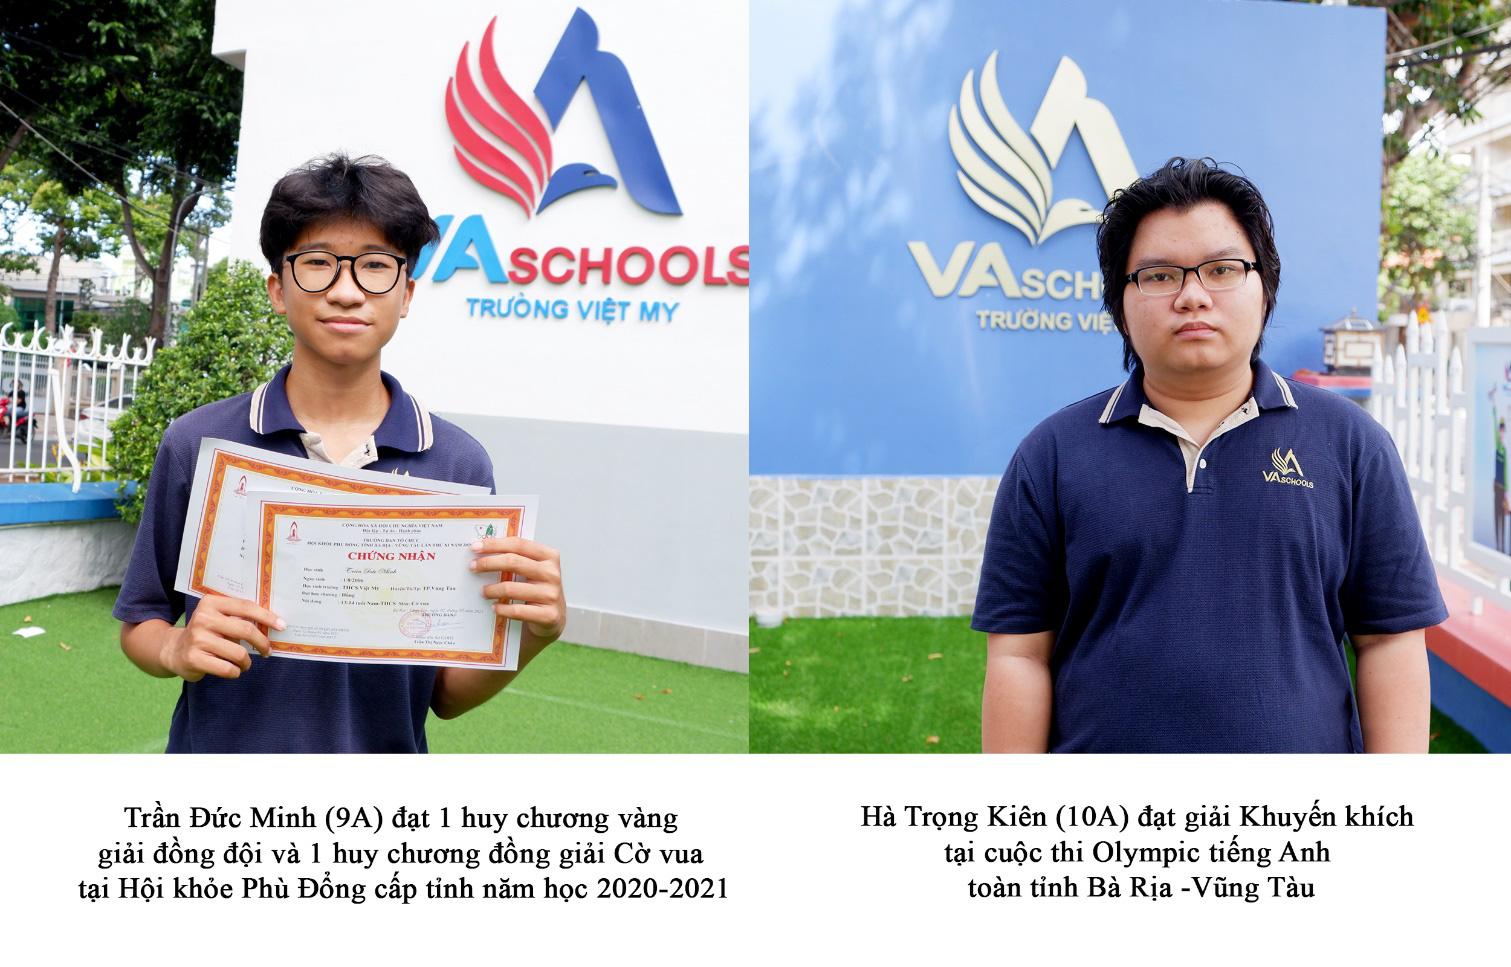 Những gương mặt trẻ tiêu biểu của trường Việt Mỹ Vũng Tàu - Ảnh 4.